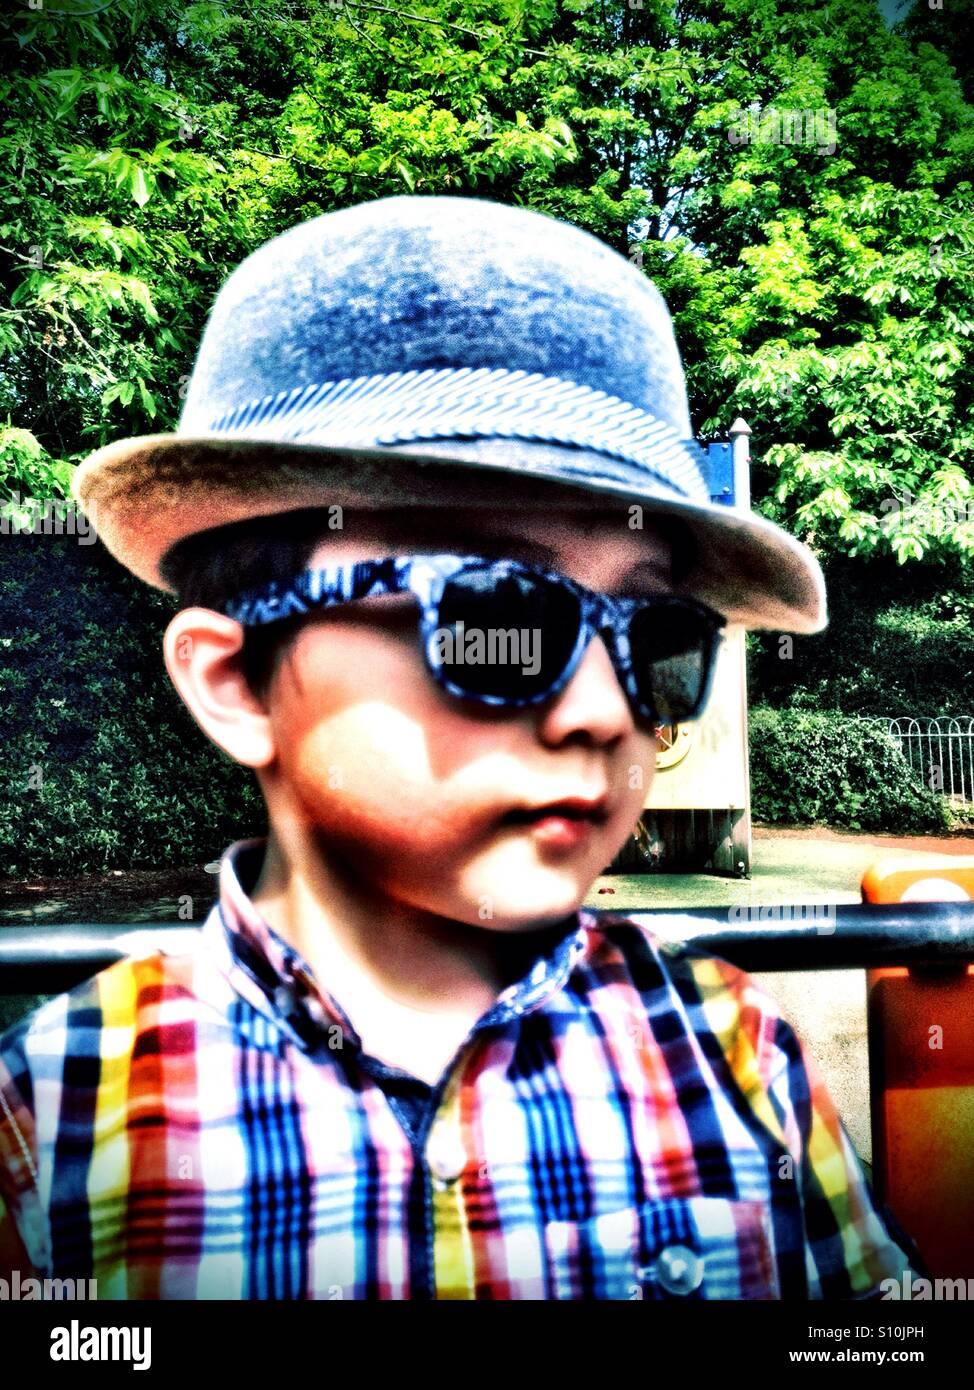 Un jeune garçon dans le parc portant chapeau et des lunettes de soleil. Banque D'Images